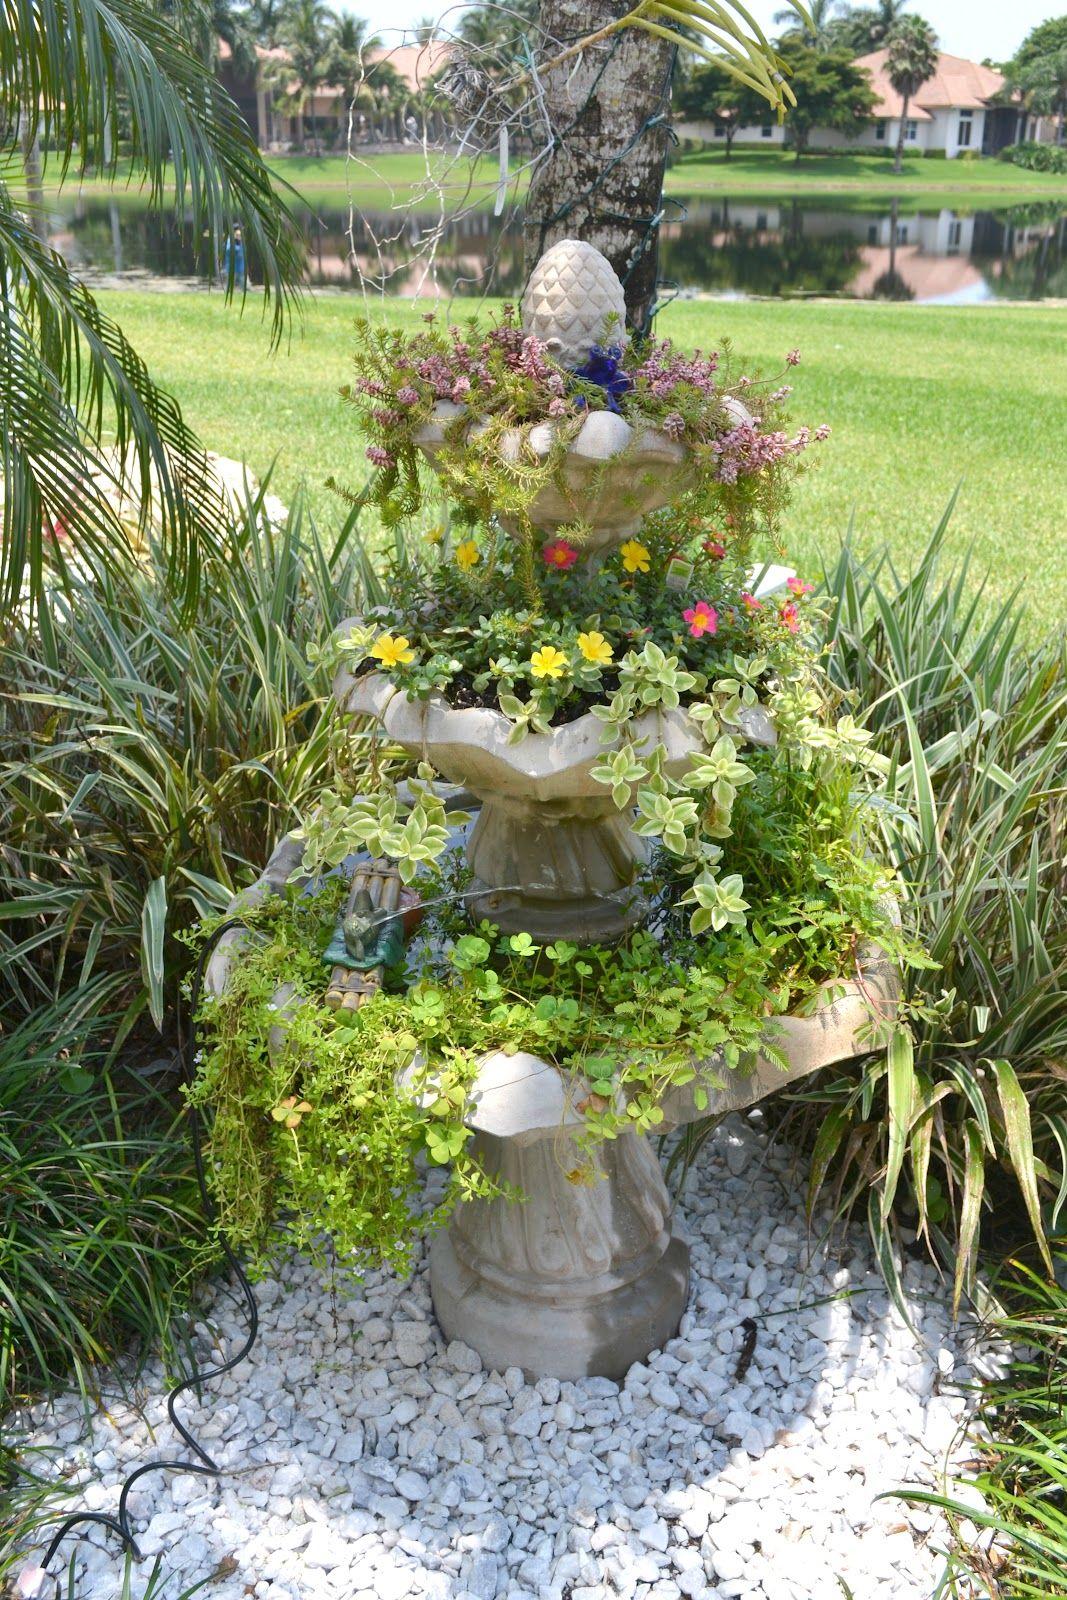 3 Tier Fountain Turned Garden Oasis Garden Oasis Rock Garden Landscaping Garden Fountains